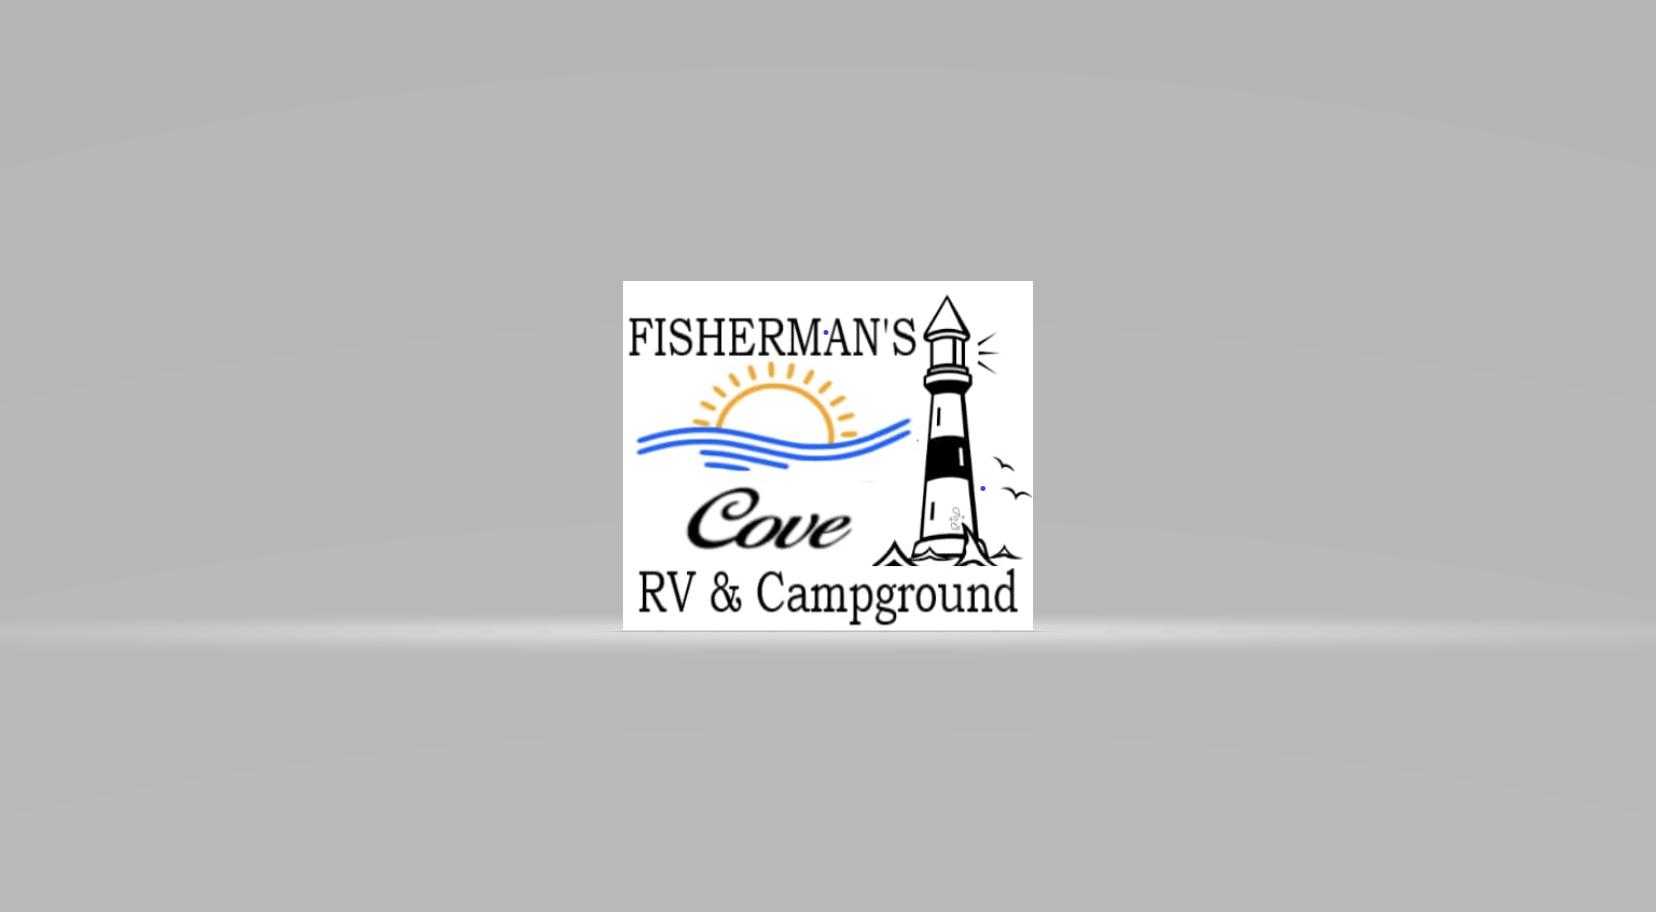 Fisherman's Cove RV & Campground